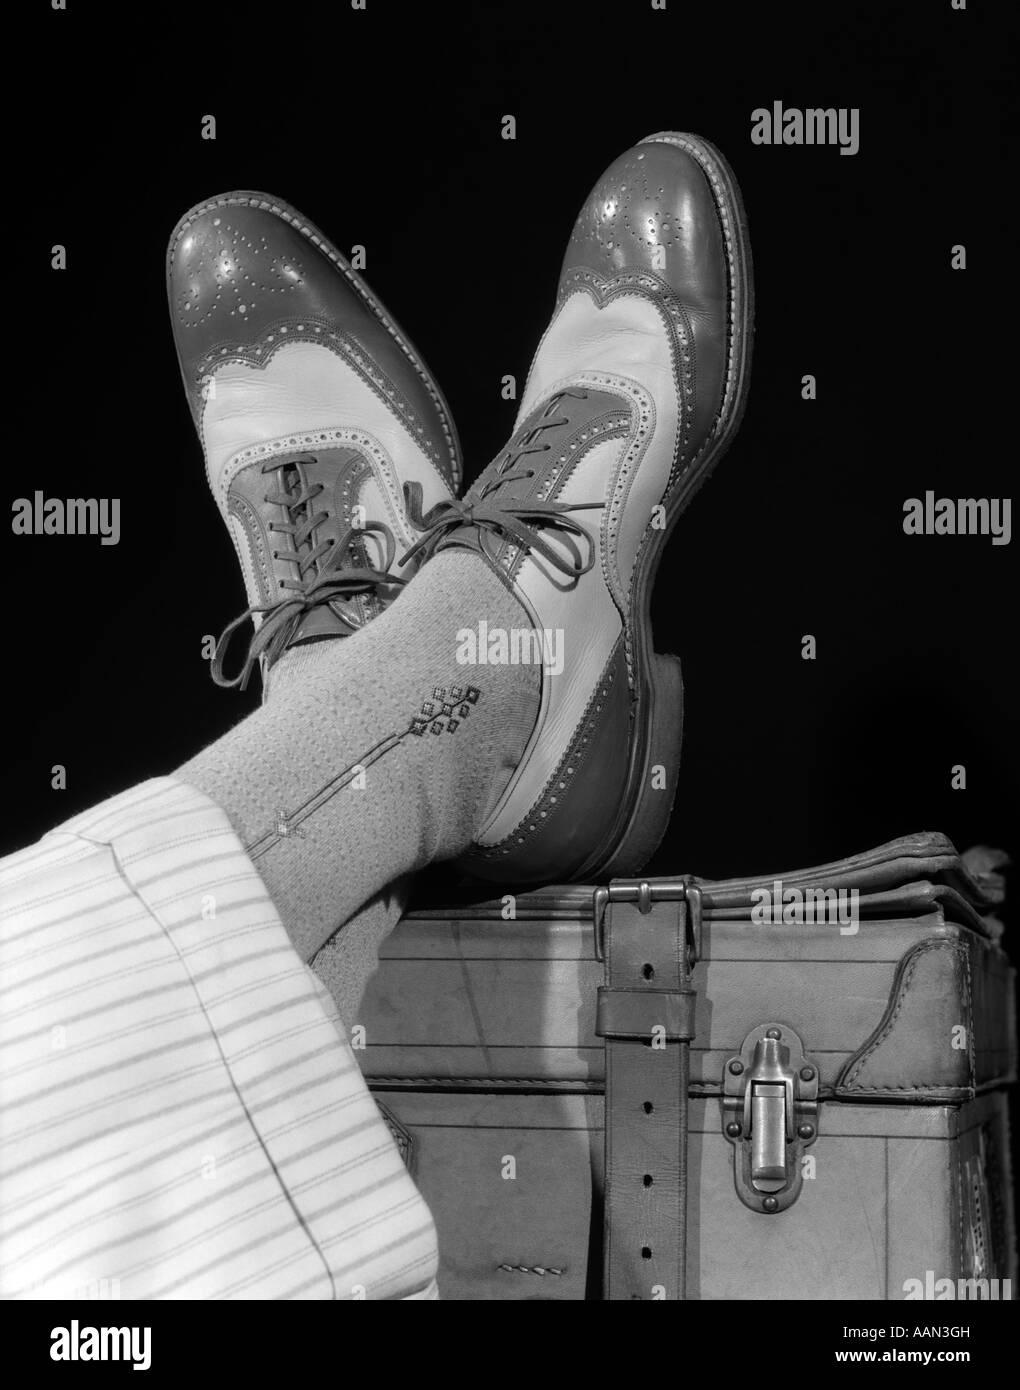 Années 1930 Années 1940 pieds croisés d'un homme portant l'extrémité de l'AILE Photo Stock